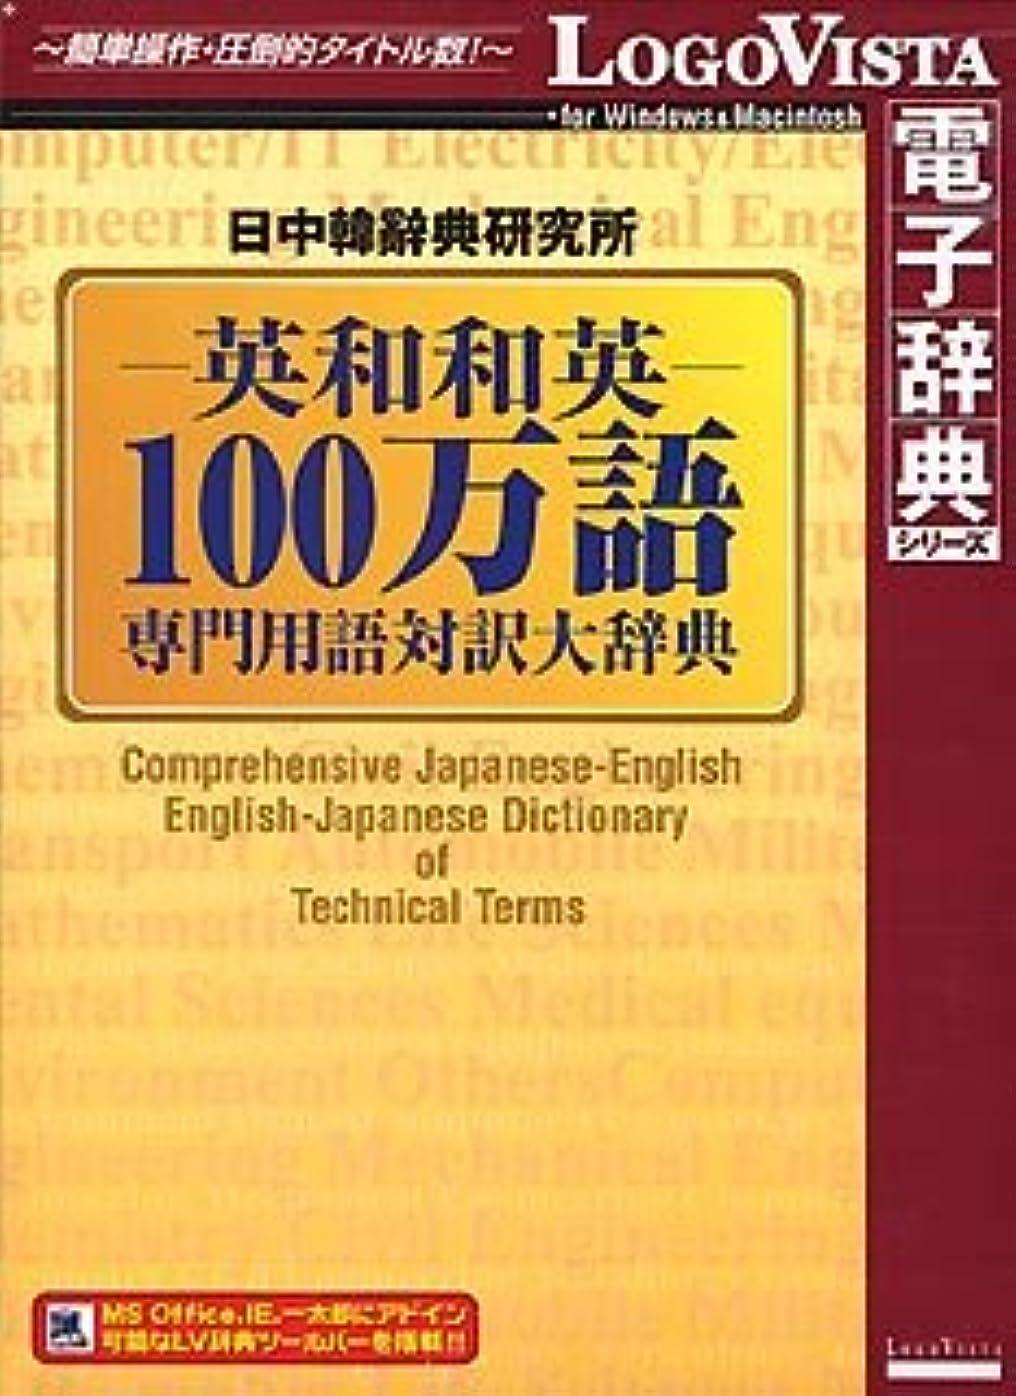 ブラケットブロンズ成人期英和和英100万語専門用語対訳大辞典